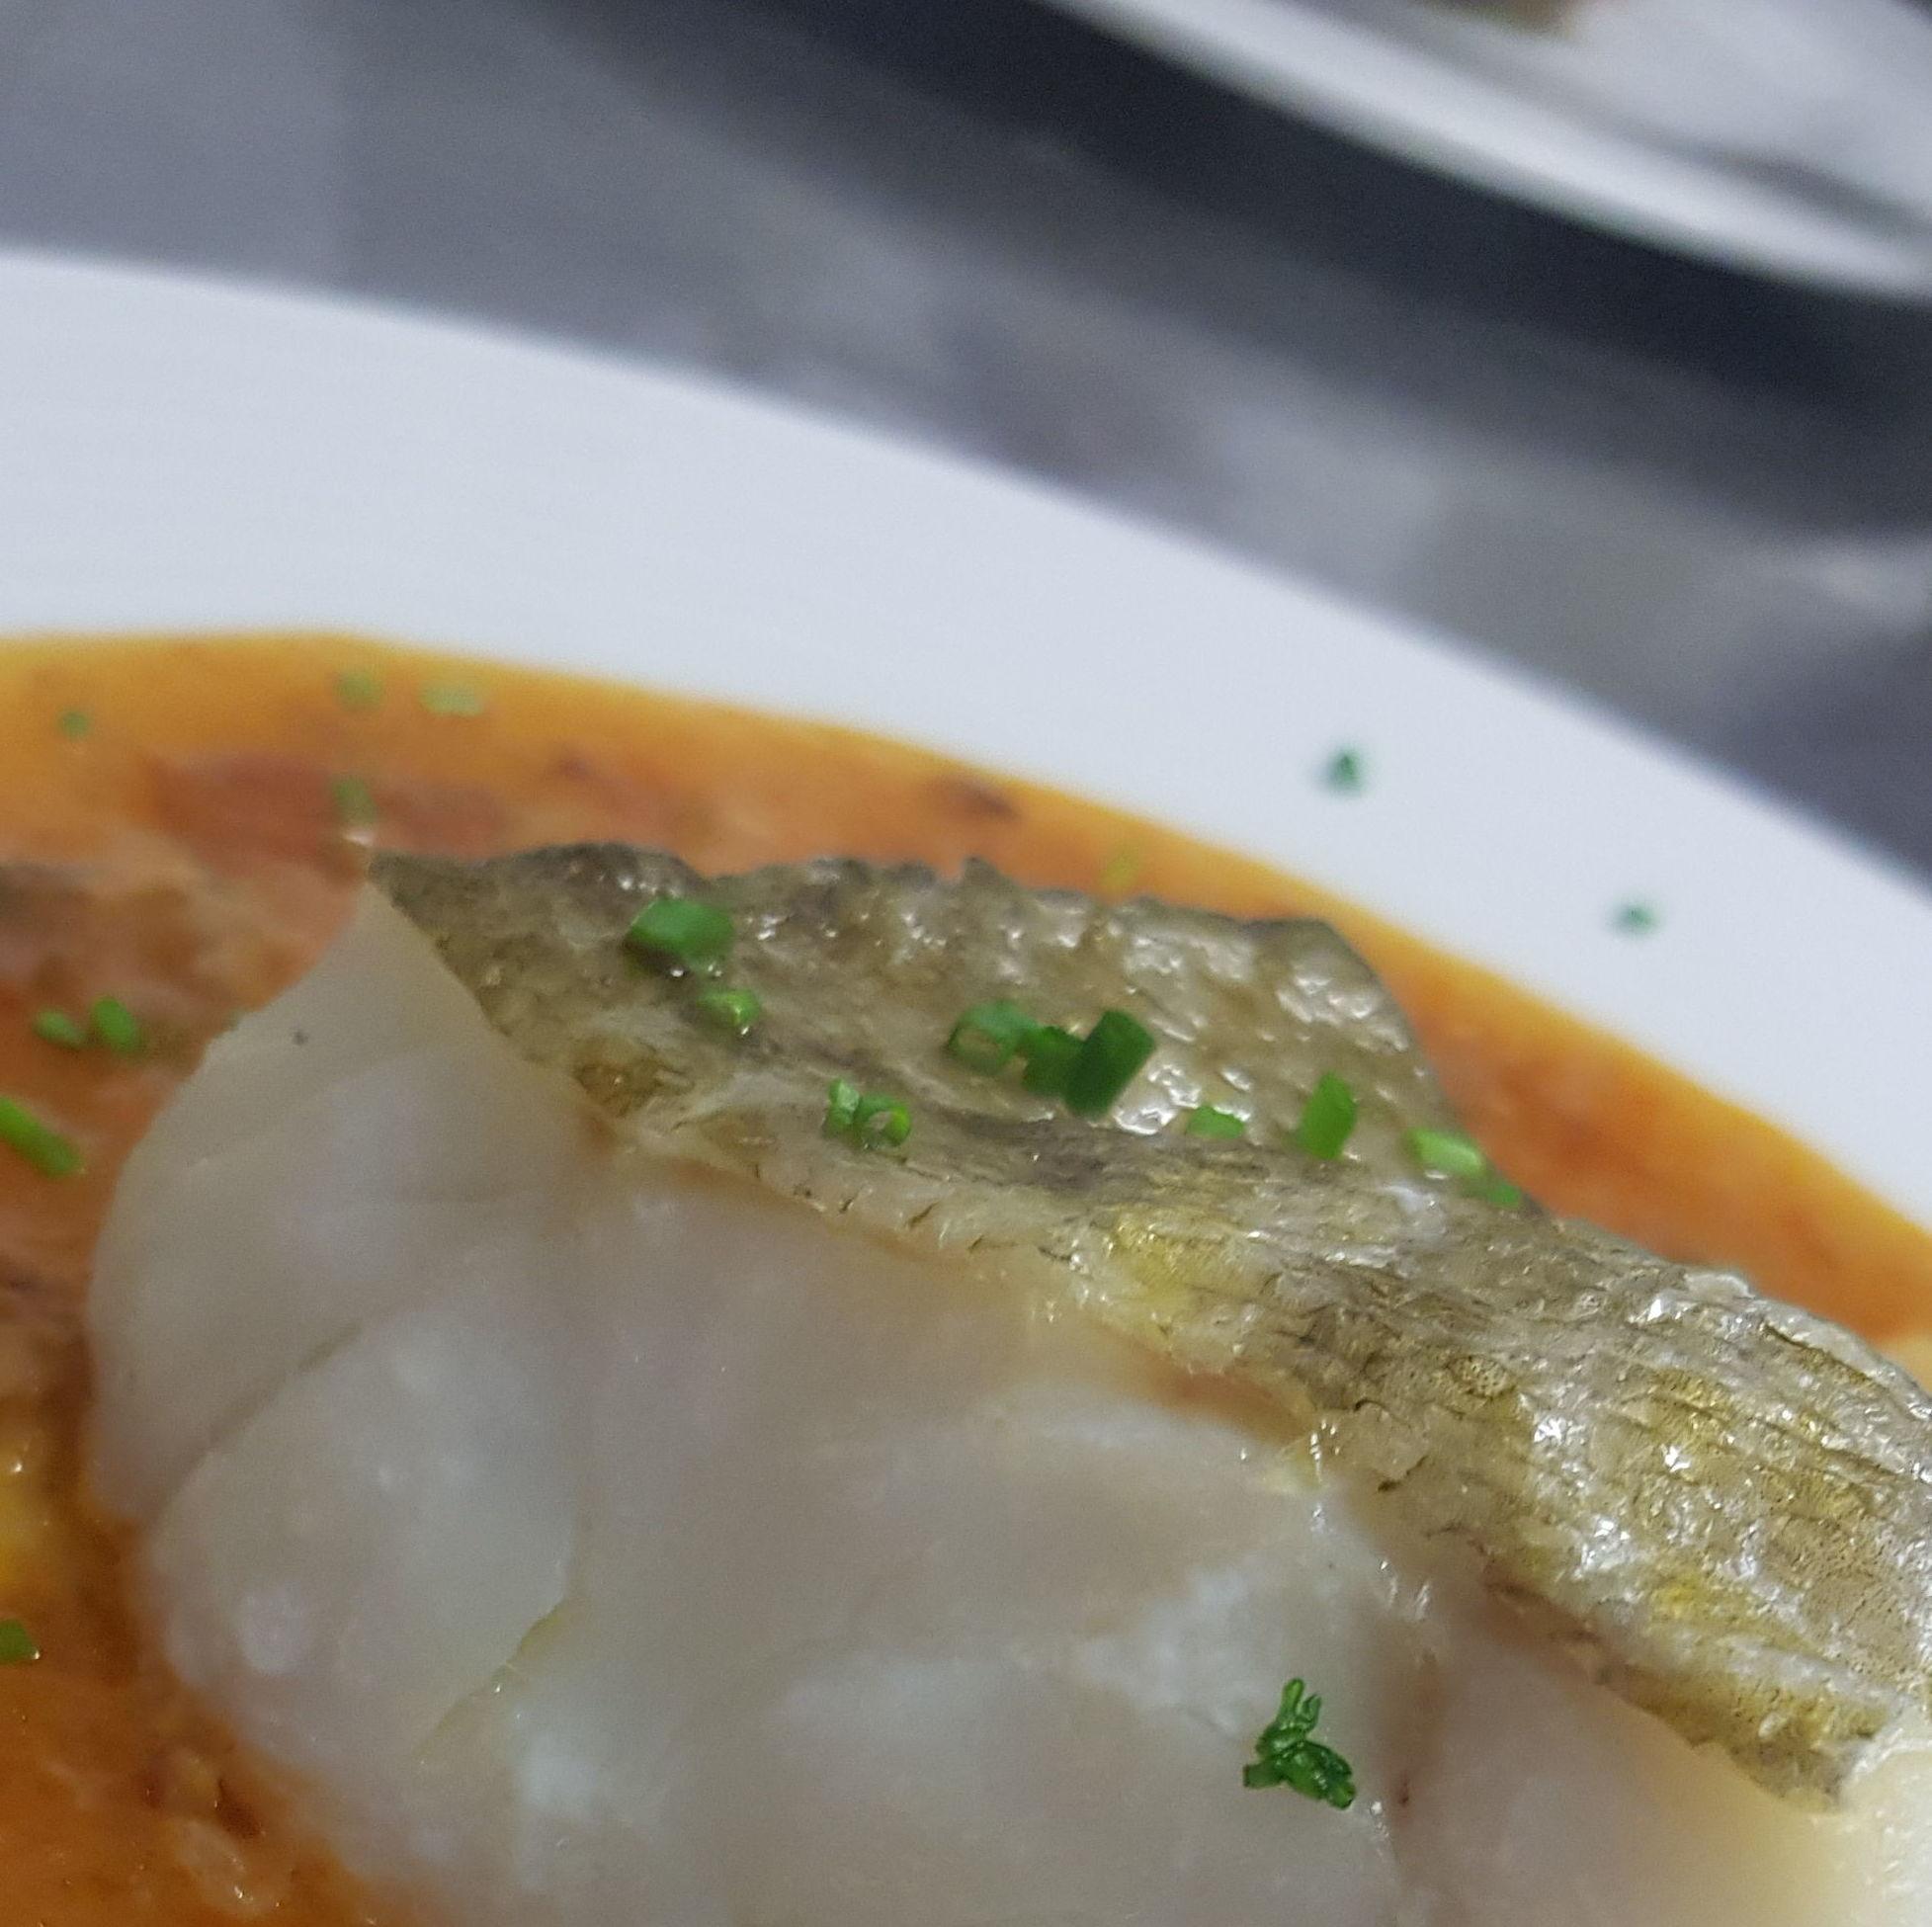 Foto 26 de Restaurante en Alcalá de Henares | Restaurante Skrei Noruego